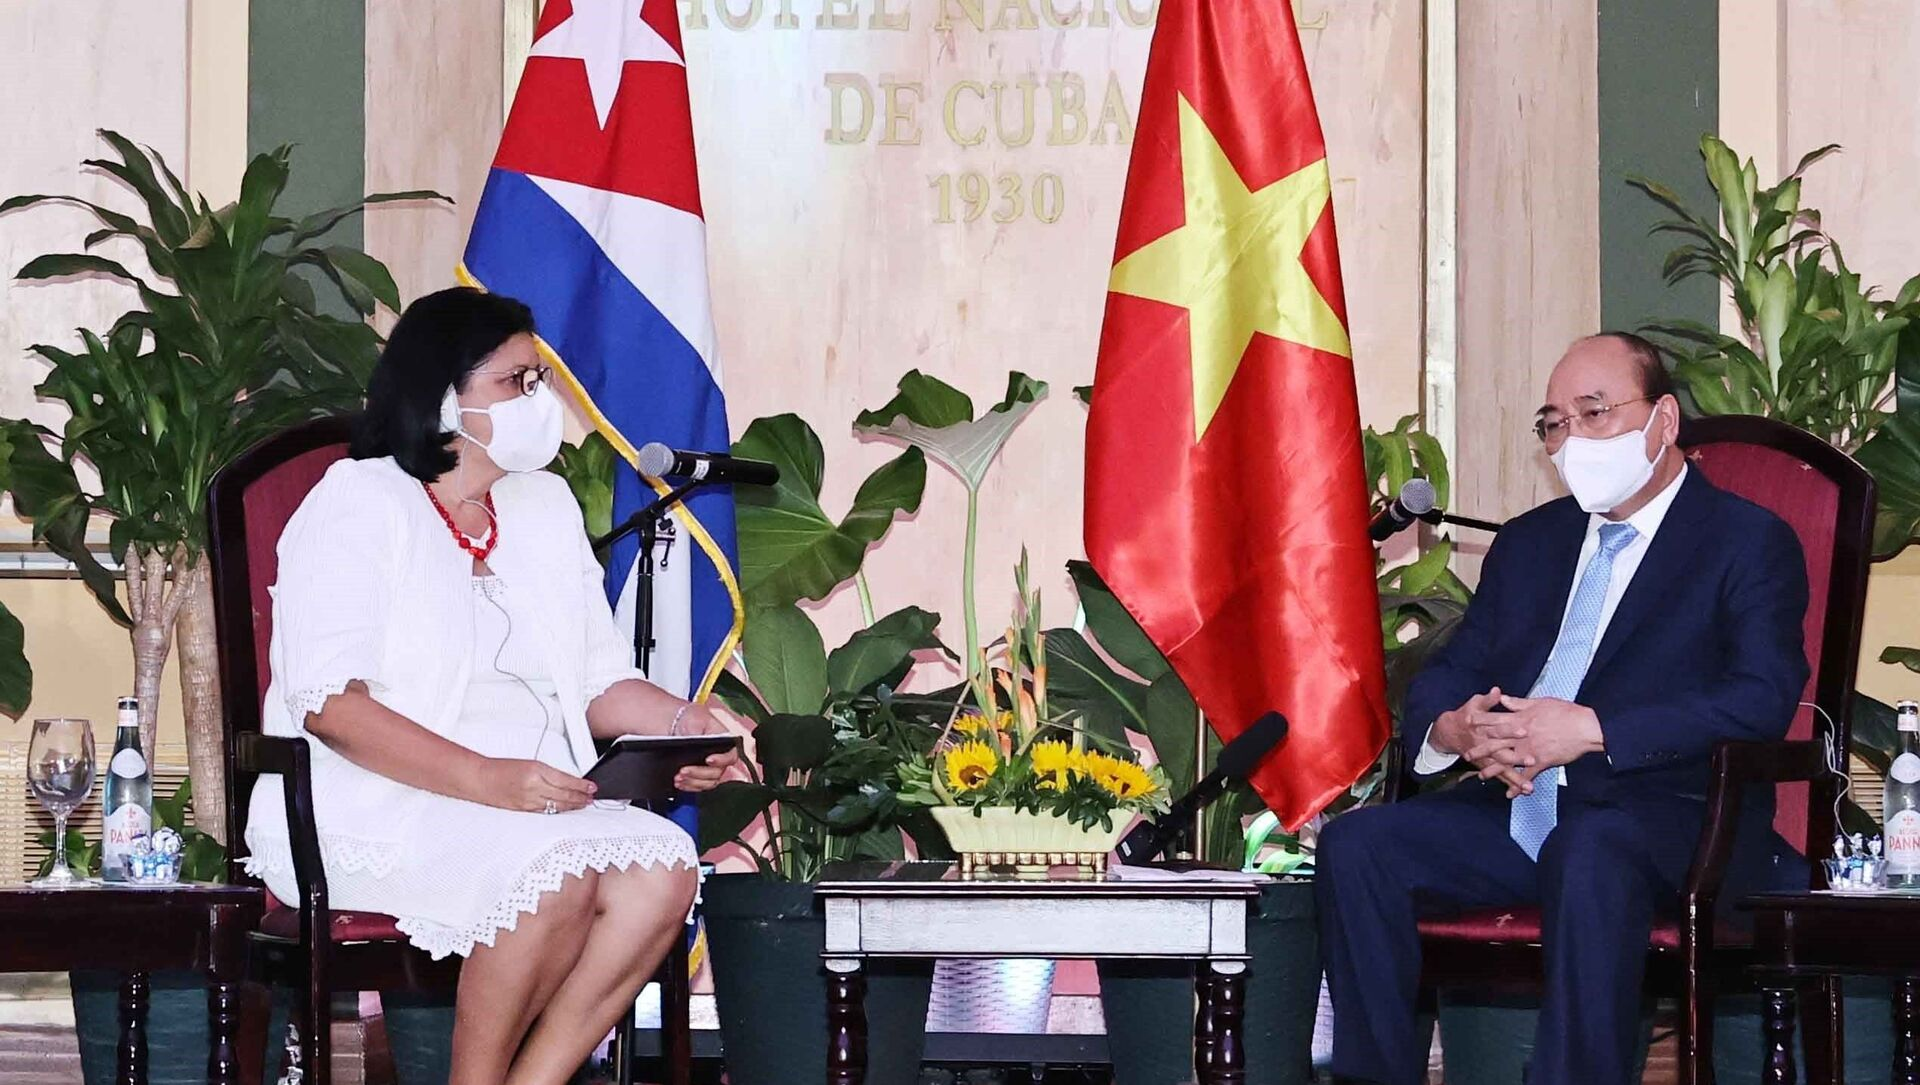 Chủ tịch nước Nguyễn Xuân Phúc tiếp Phó Chủ tịch thứ nhất Viện Cuba hữu nghị với các dân tộc (ICAP) Noemi Rabaza Fernandez - Sputnik Việt Nam, 1920, 19.09.2021